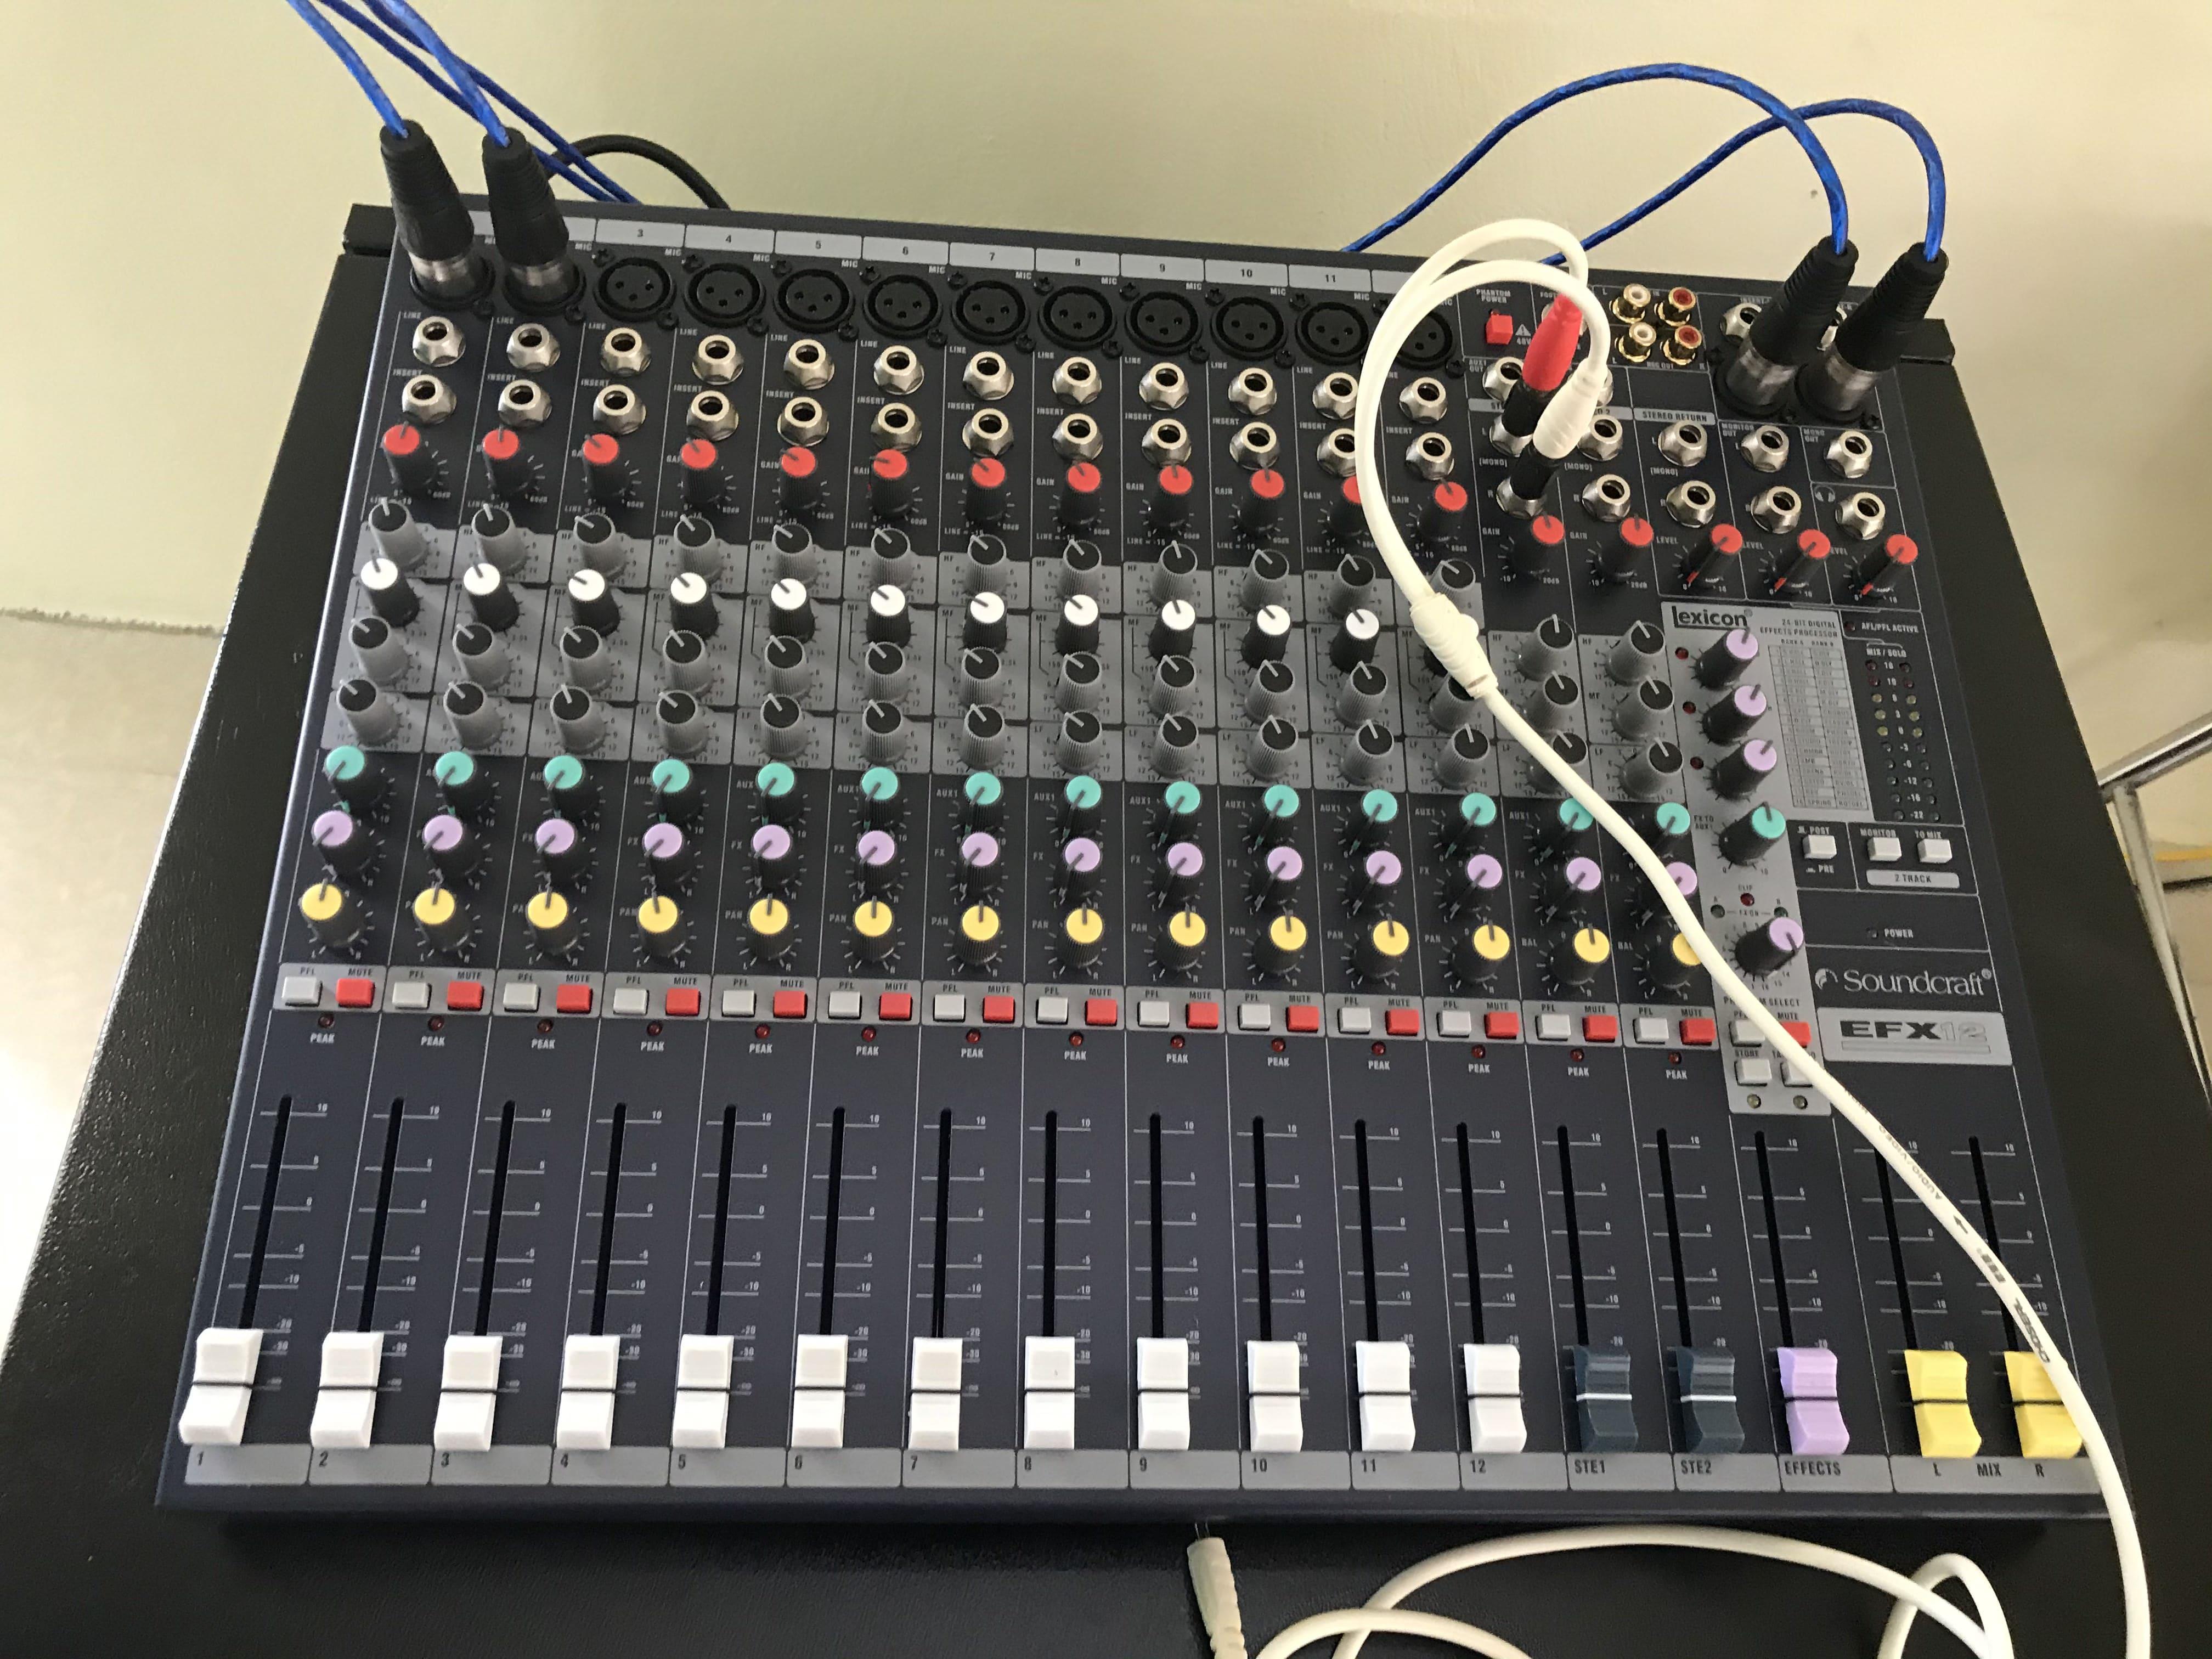 Các thiết bị trong hệ thống âm thanh được lắp đặt cho khách hàng